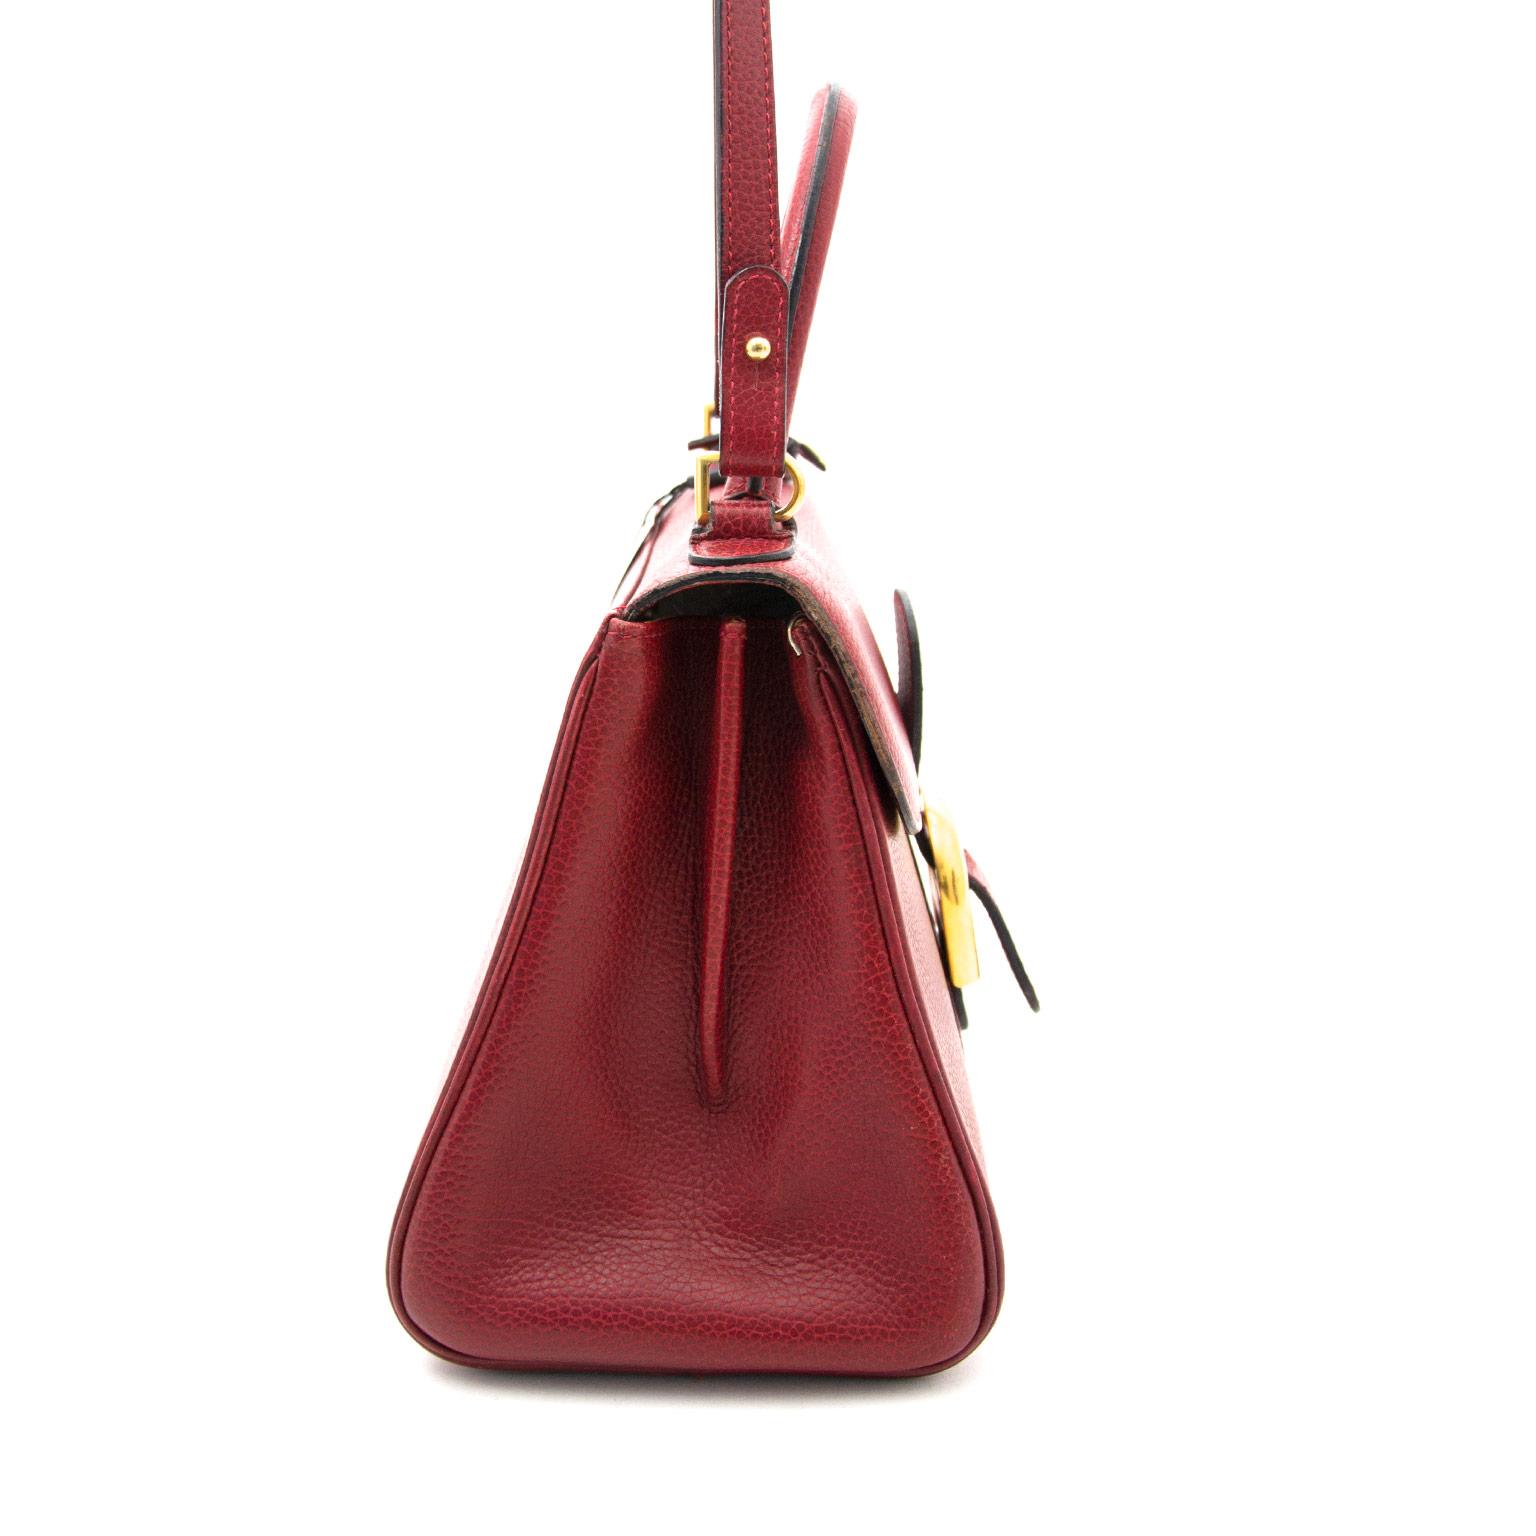 Koop uw delvaux brillant pm rode handtas nu online bij labellov.com tegen de beste prijs